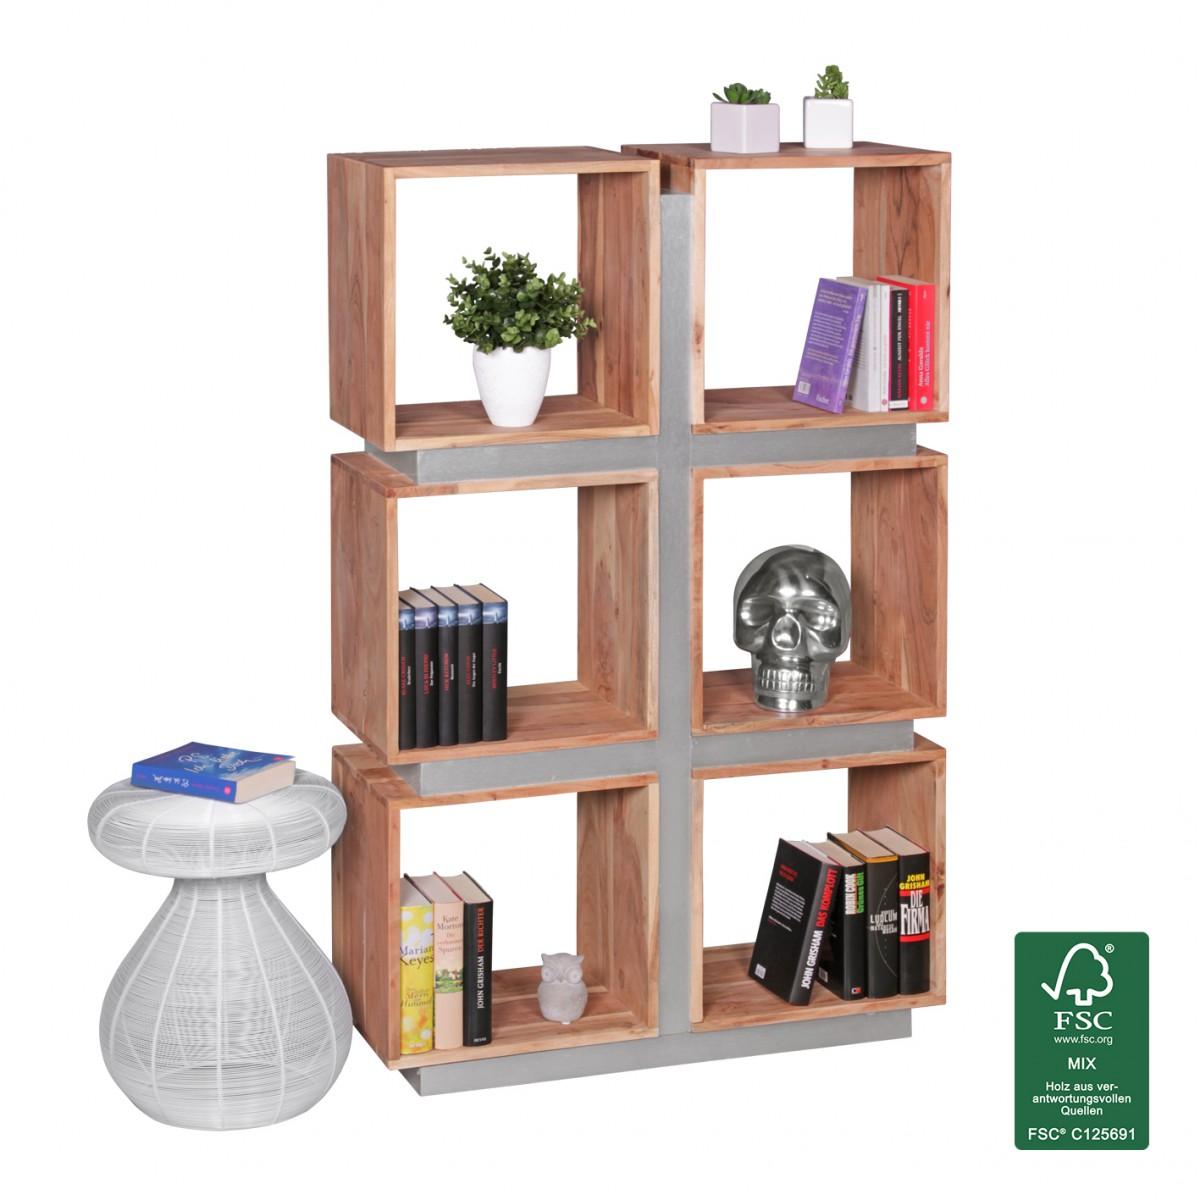 boekenkast kopen? | meubeldeals.nl